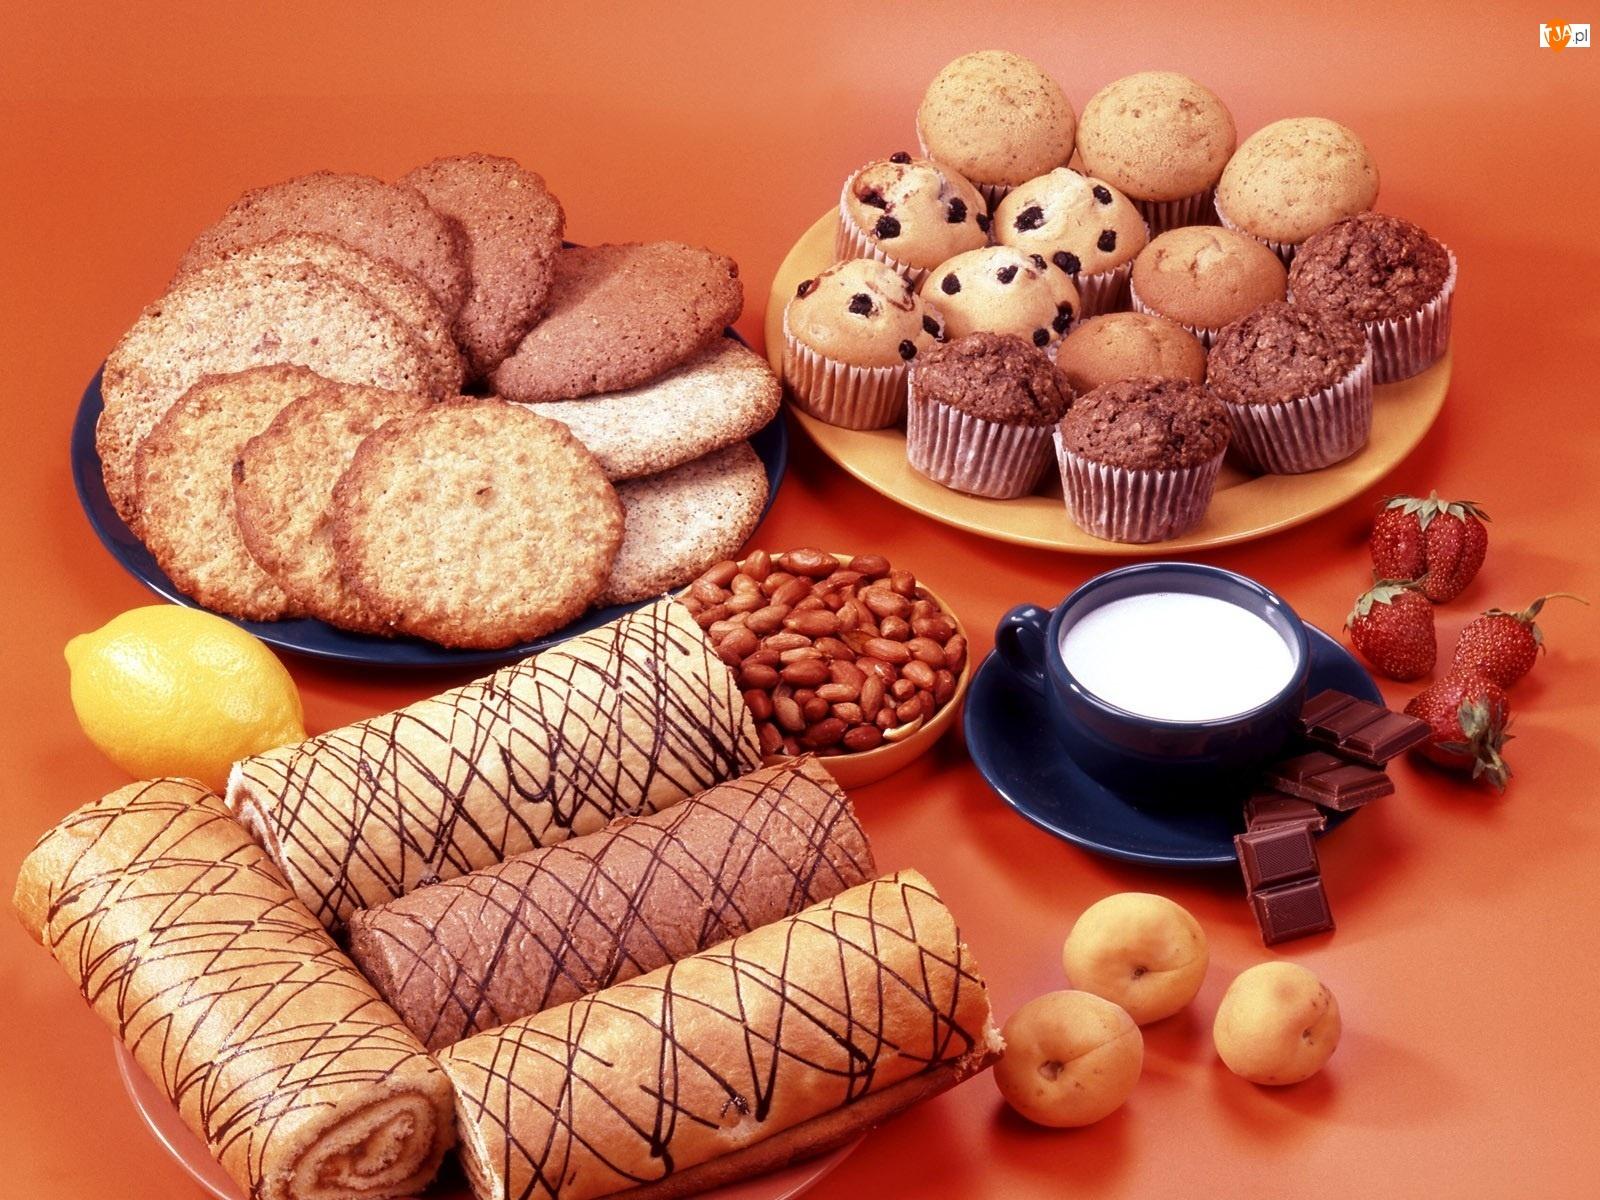 Babeczki, Ciasteczka, Mleko, Muffinki, Orzeszki